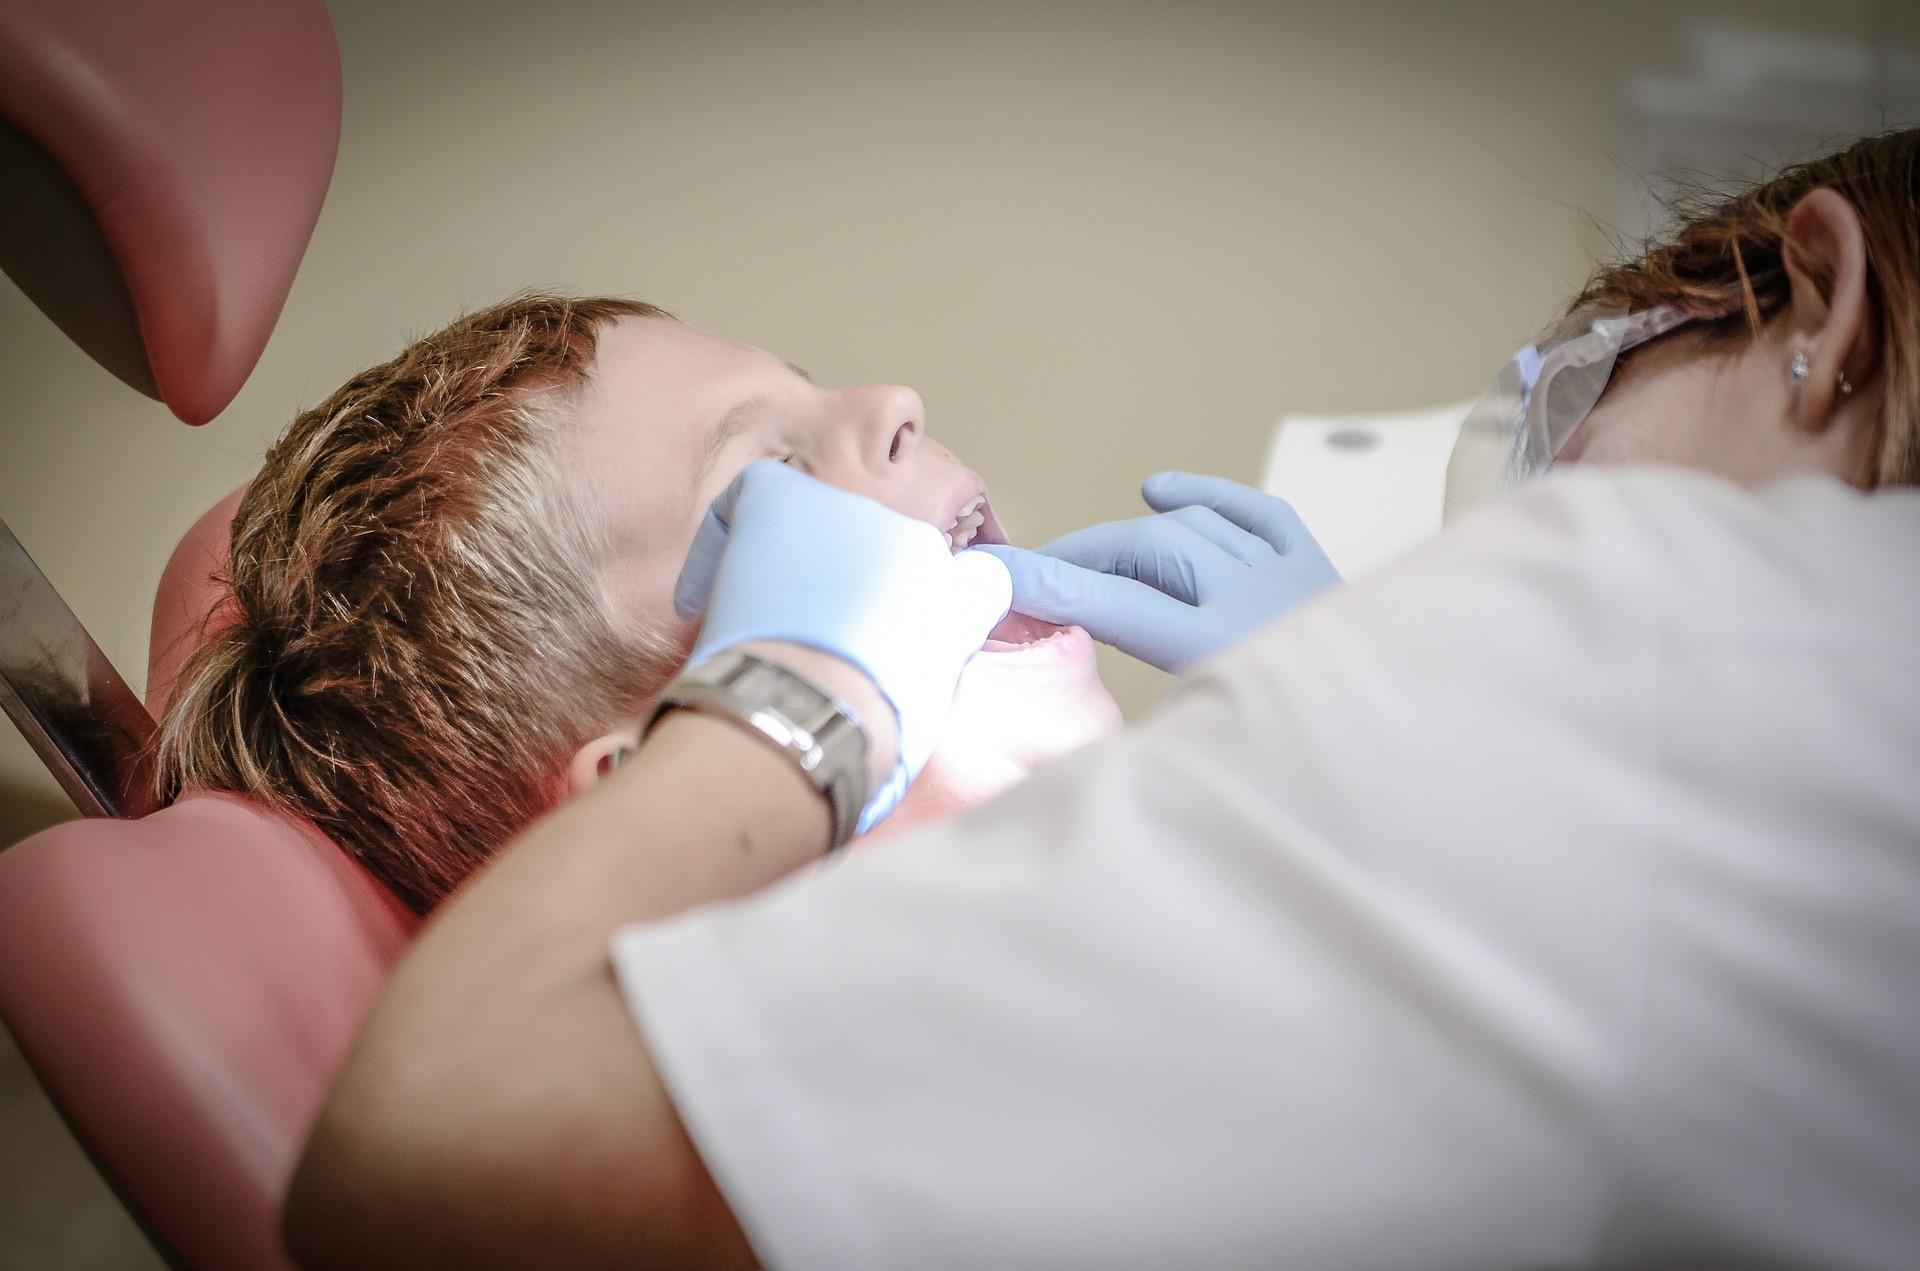 ▲牙醫。(圖/取自免費圖庫pixabay)